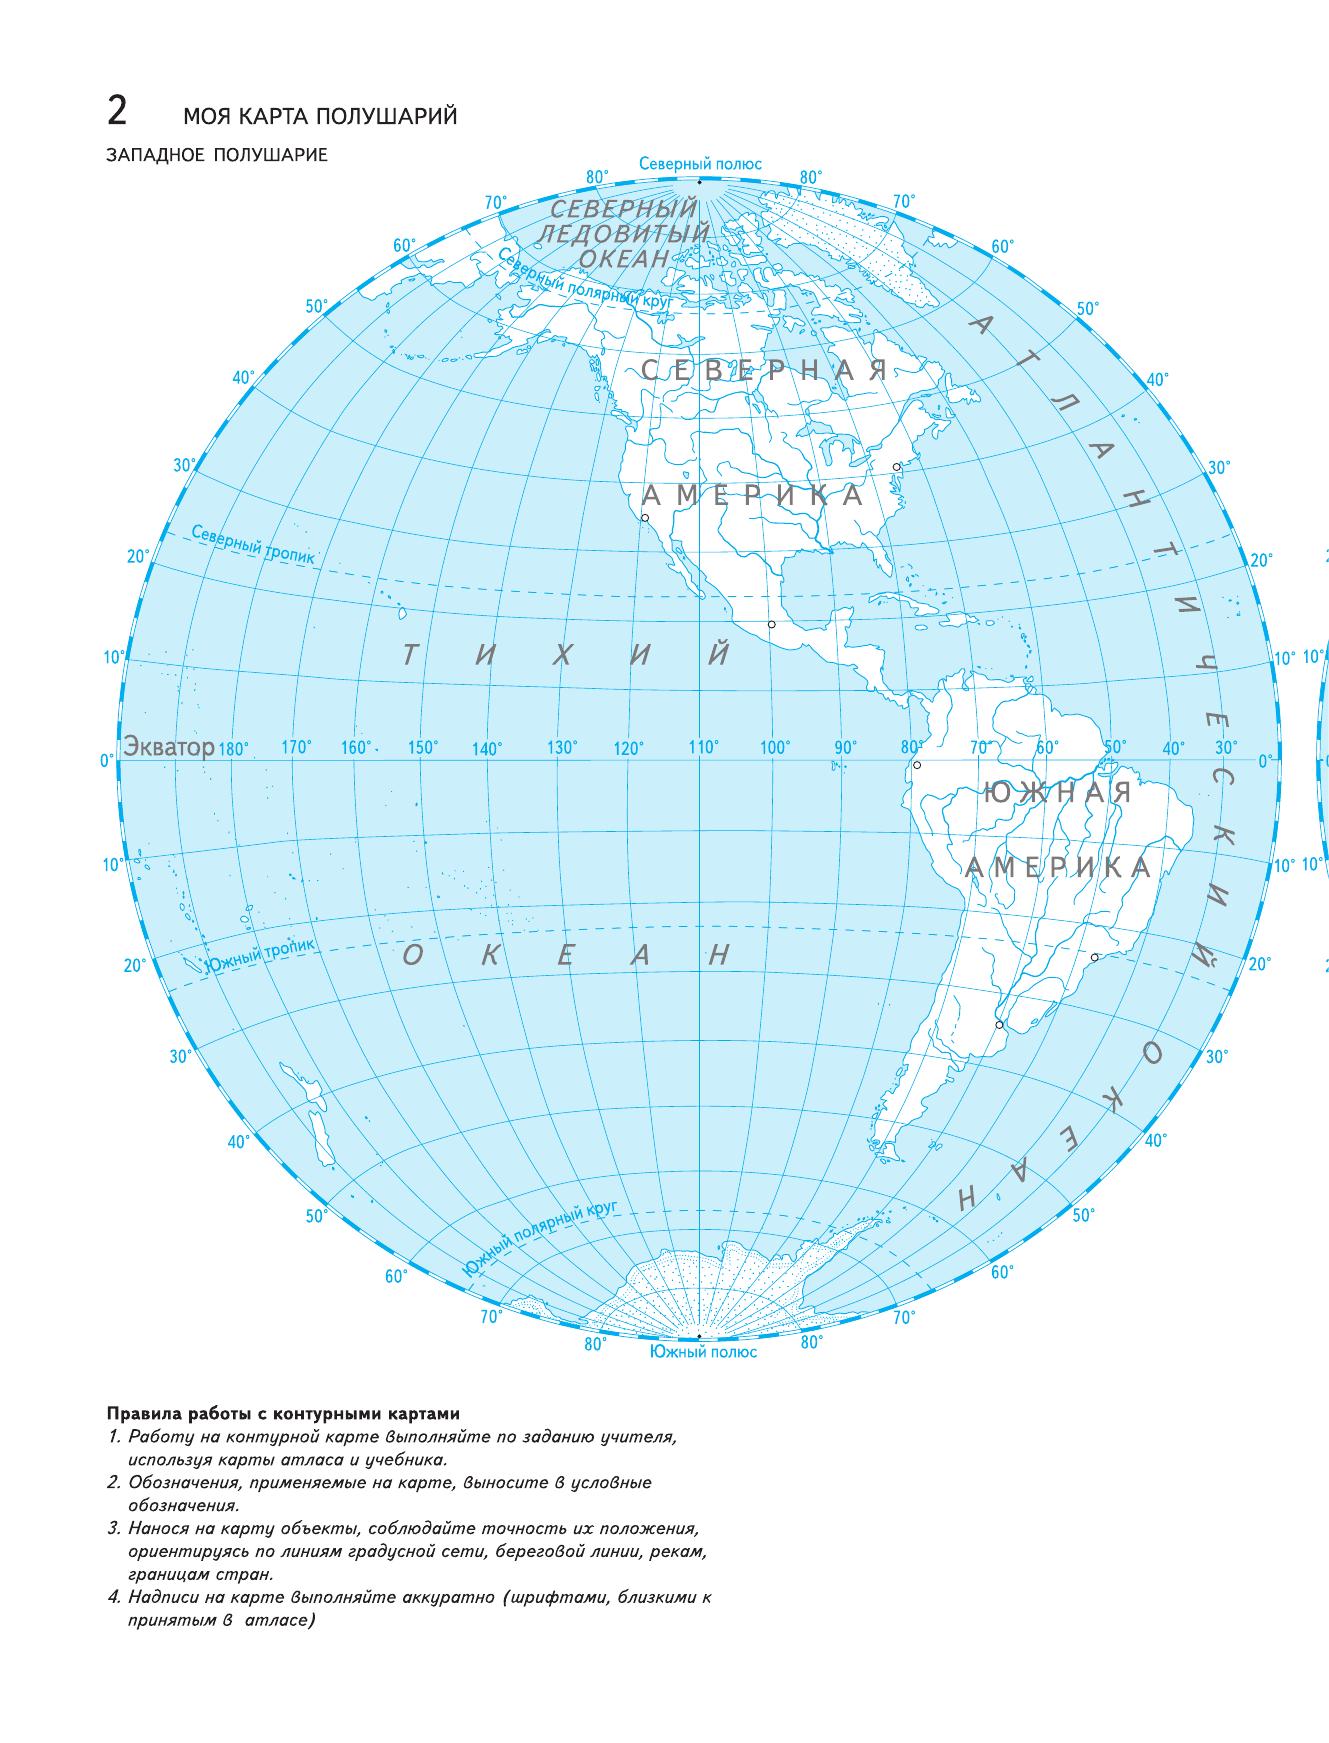 гдз контурные карты география 5 класс 2019